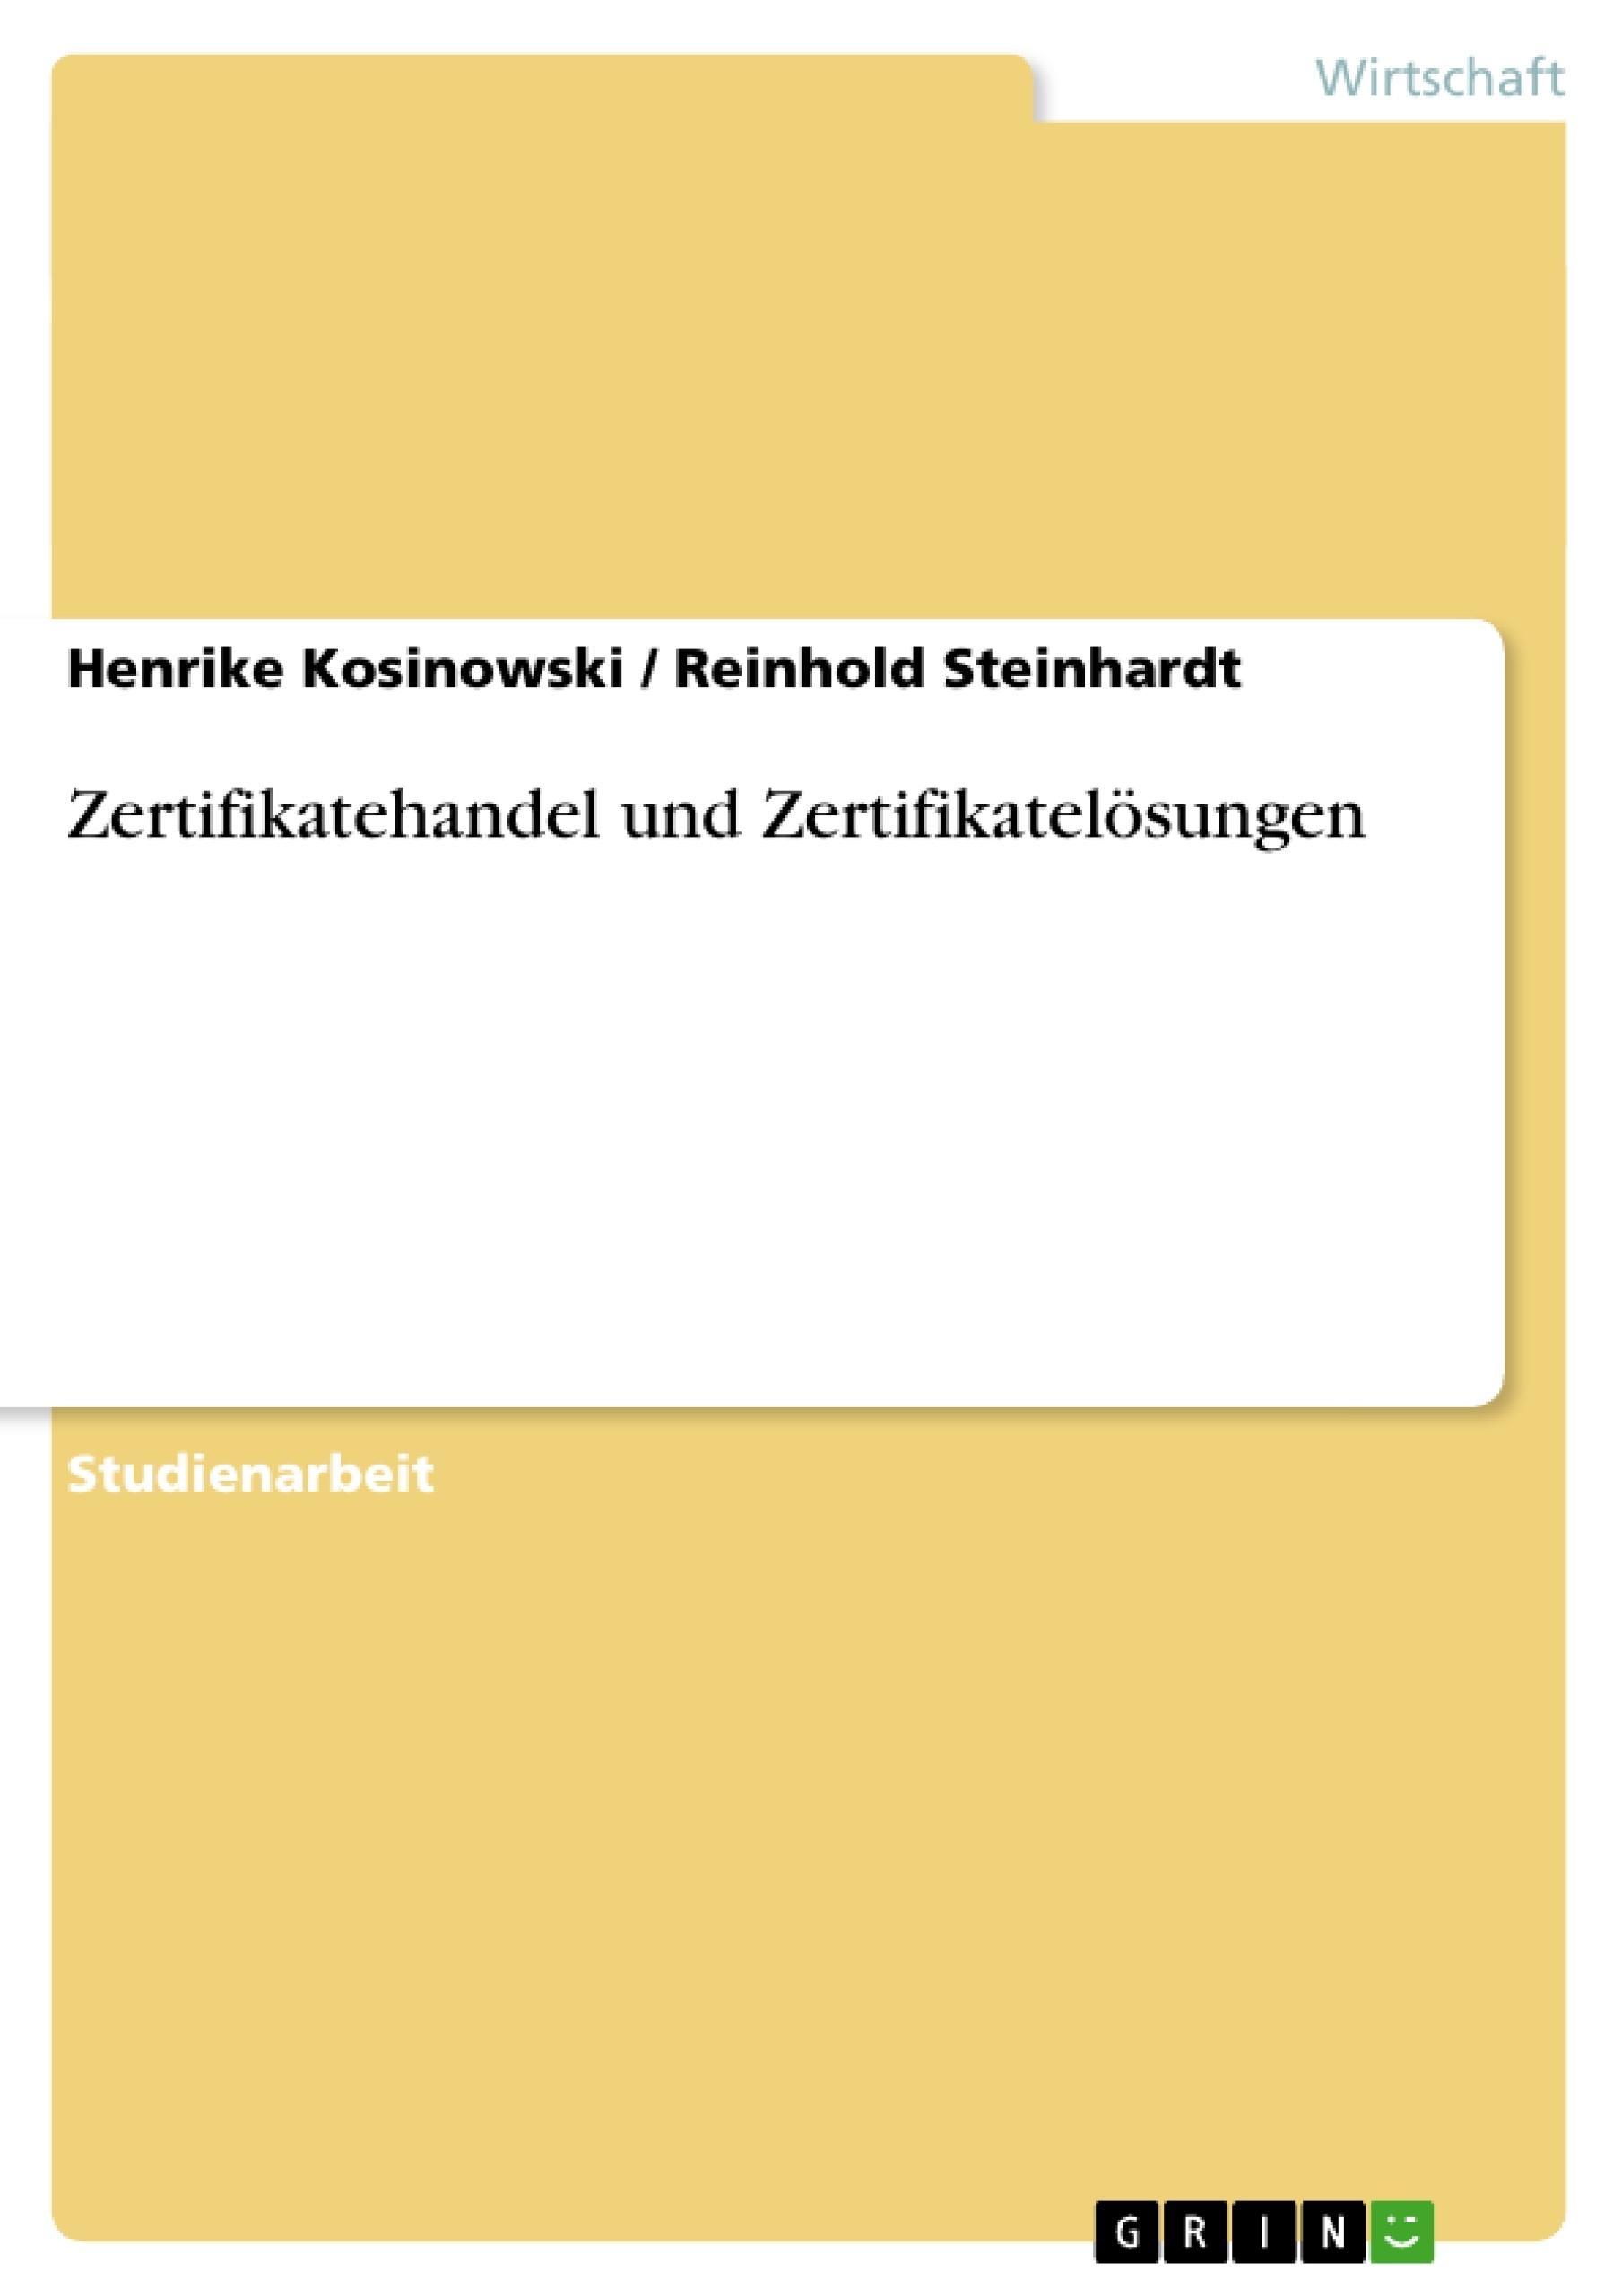 Titel: Zertifikatehandel und Zertifikatelösungen